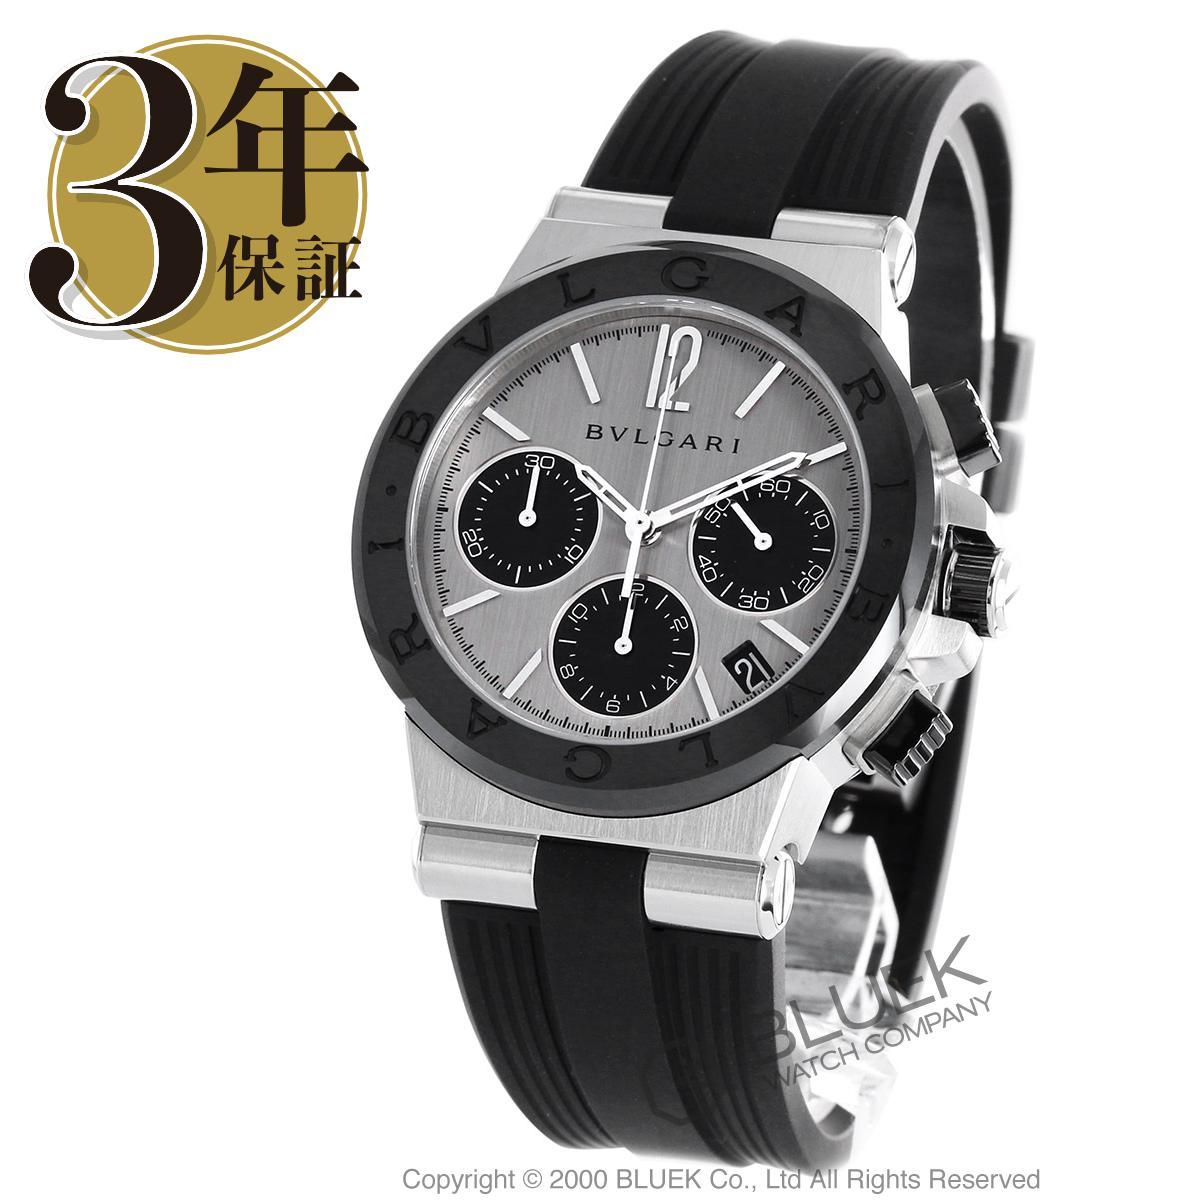 ブルガリ BVLGARI 腕時計 ディアゴノ メンズ DG37C6SCVDCH_8